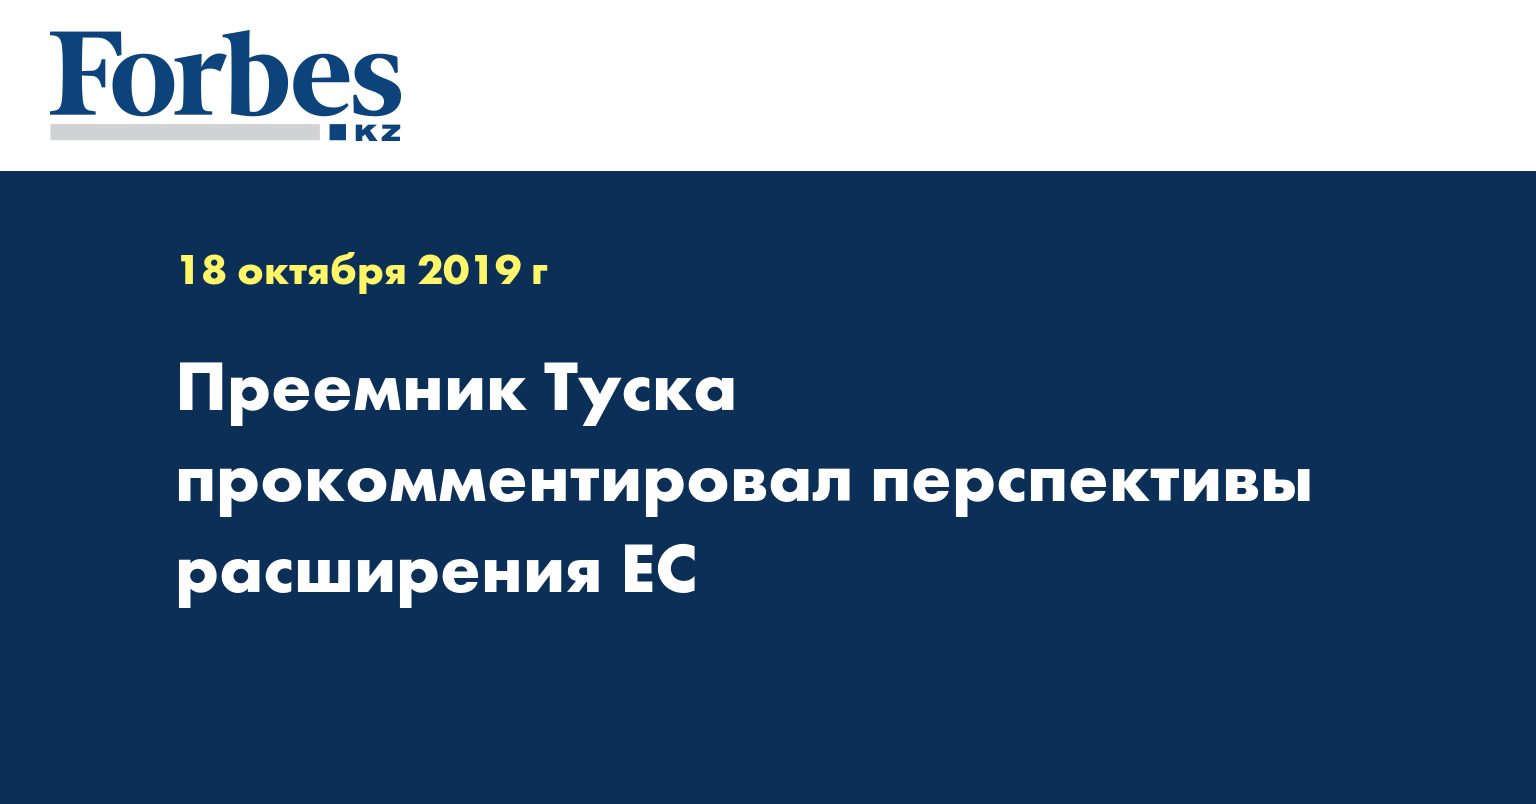 Преемник Туска прокомментировал перспективы расширения ЕС